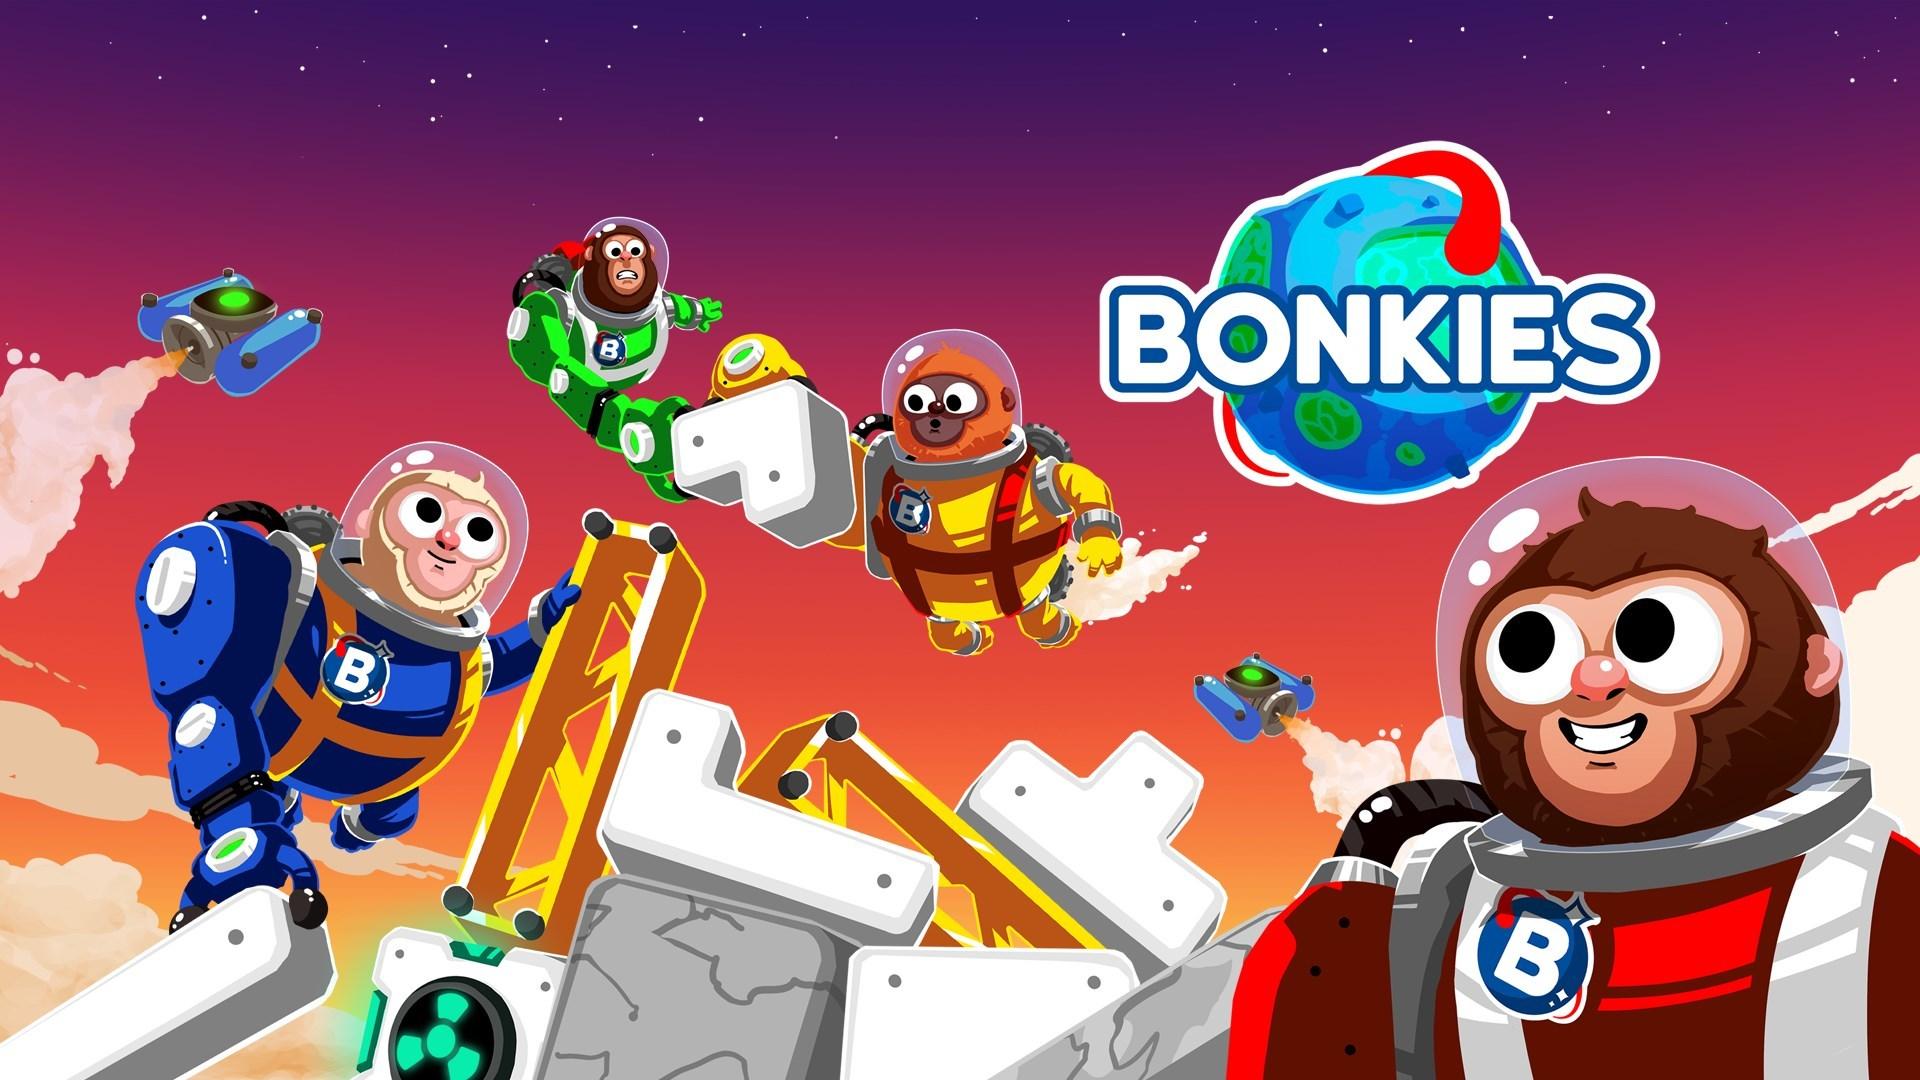 bonkies wallpaper 73384